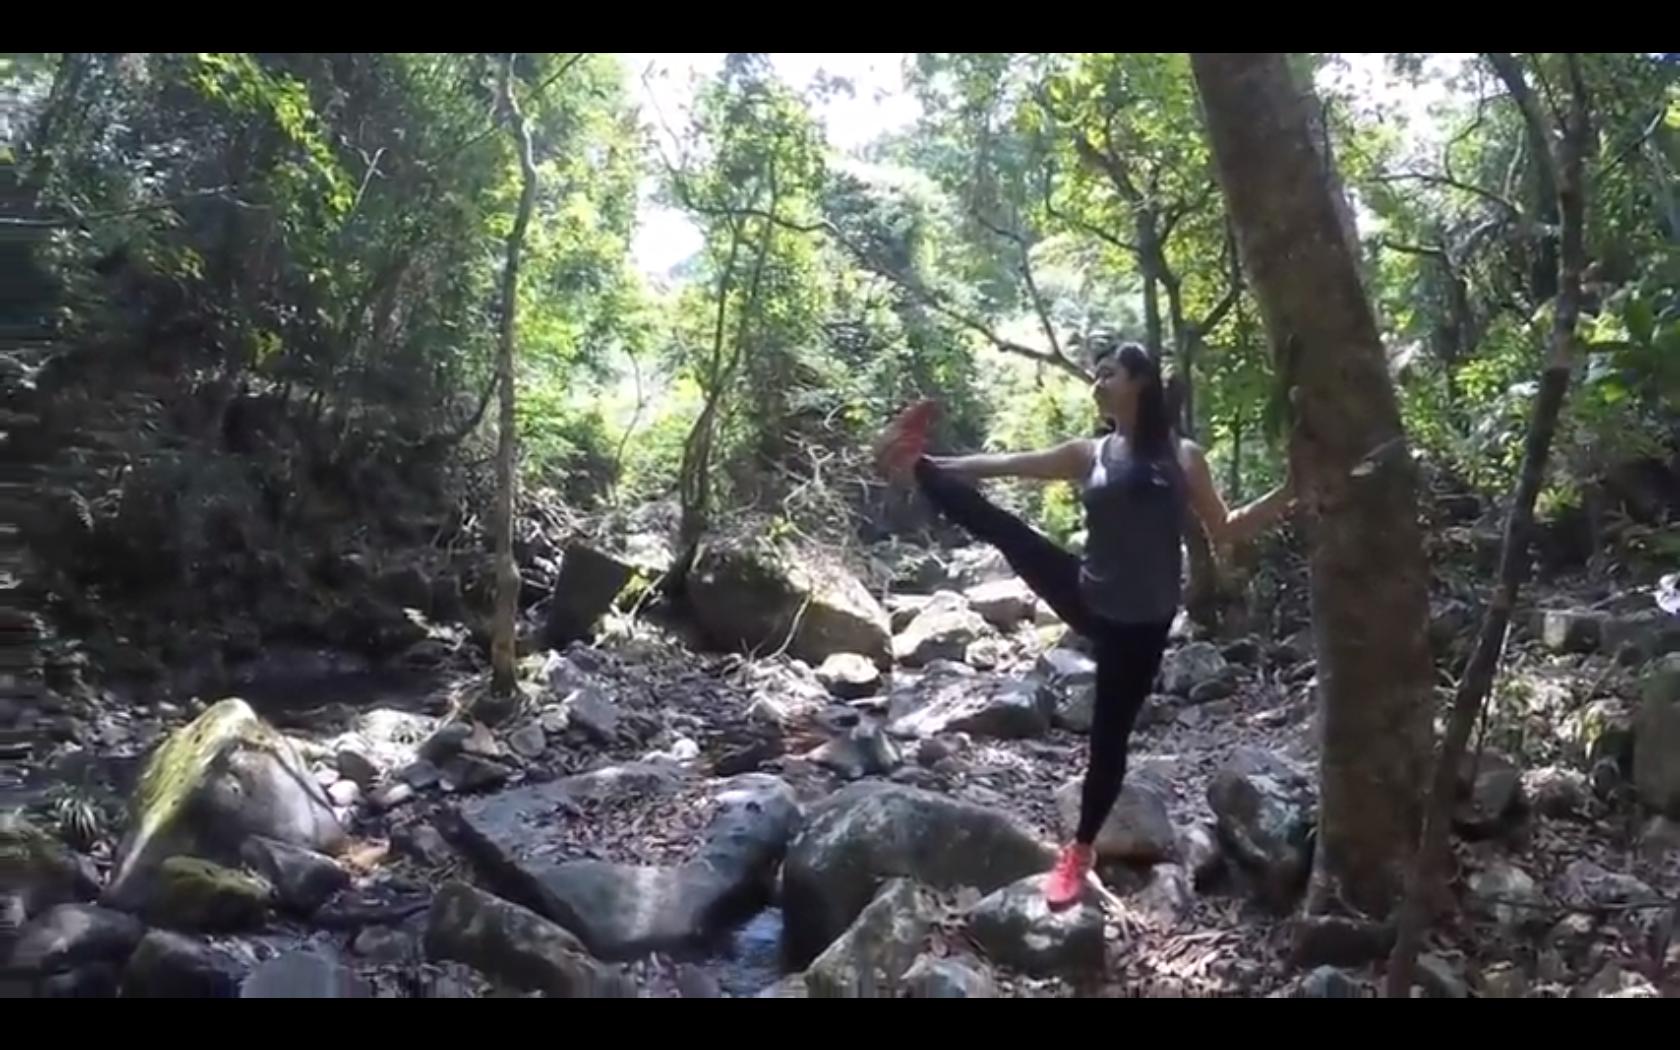 YouTube: 大埔行山 • 松仔園 • 拉筋教學